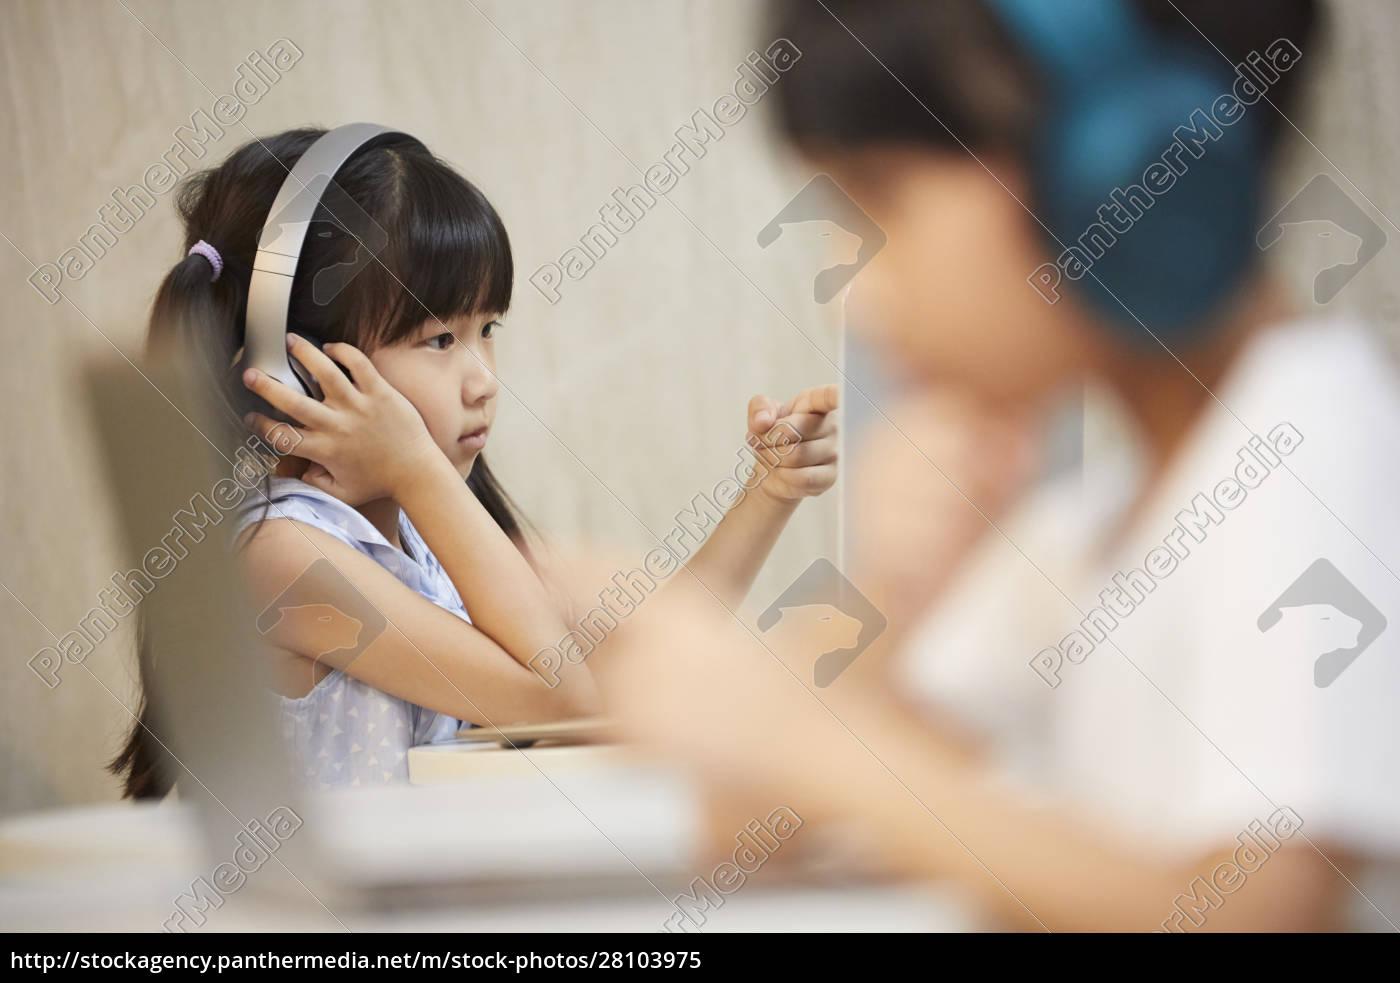 vita, scolastica - 28103975